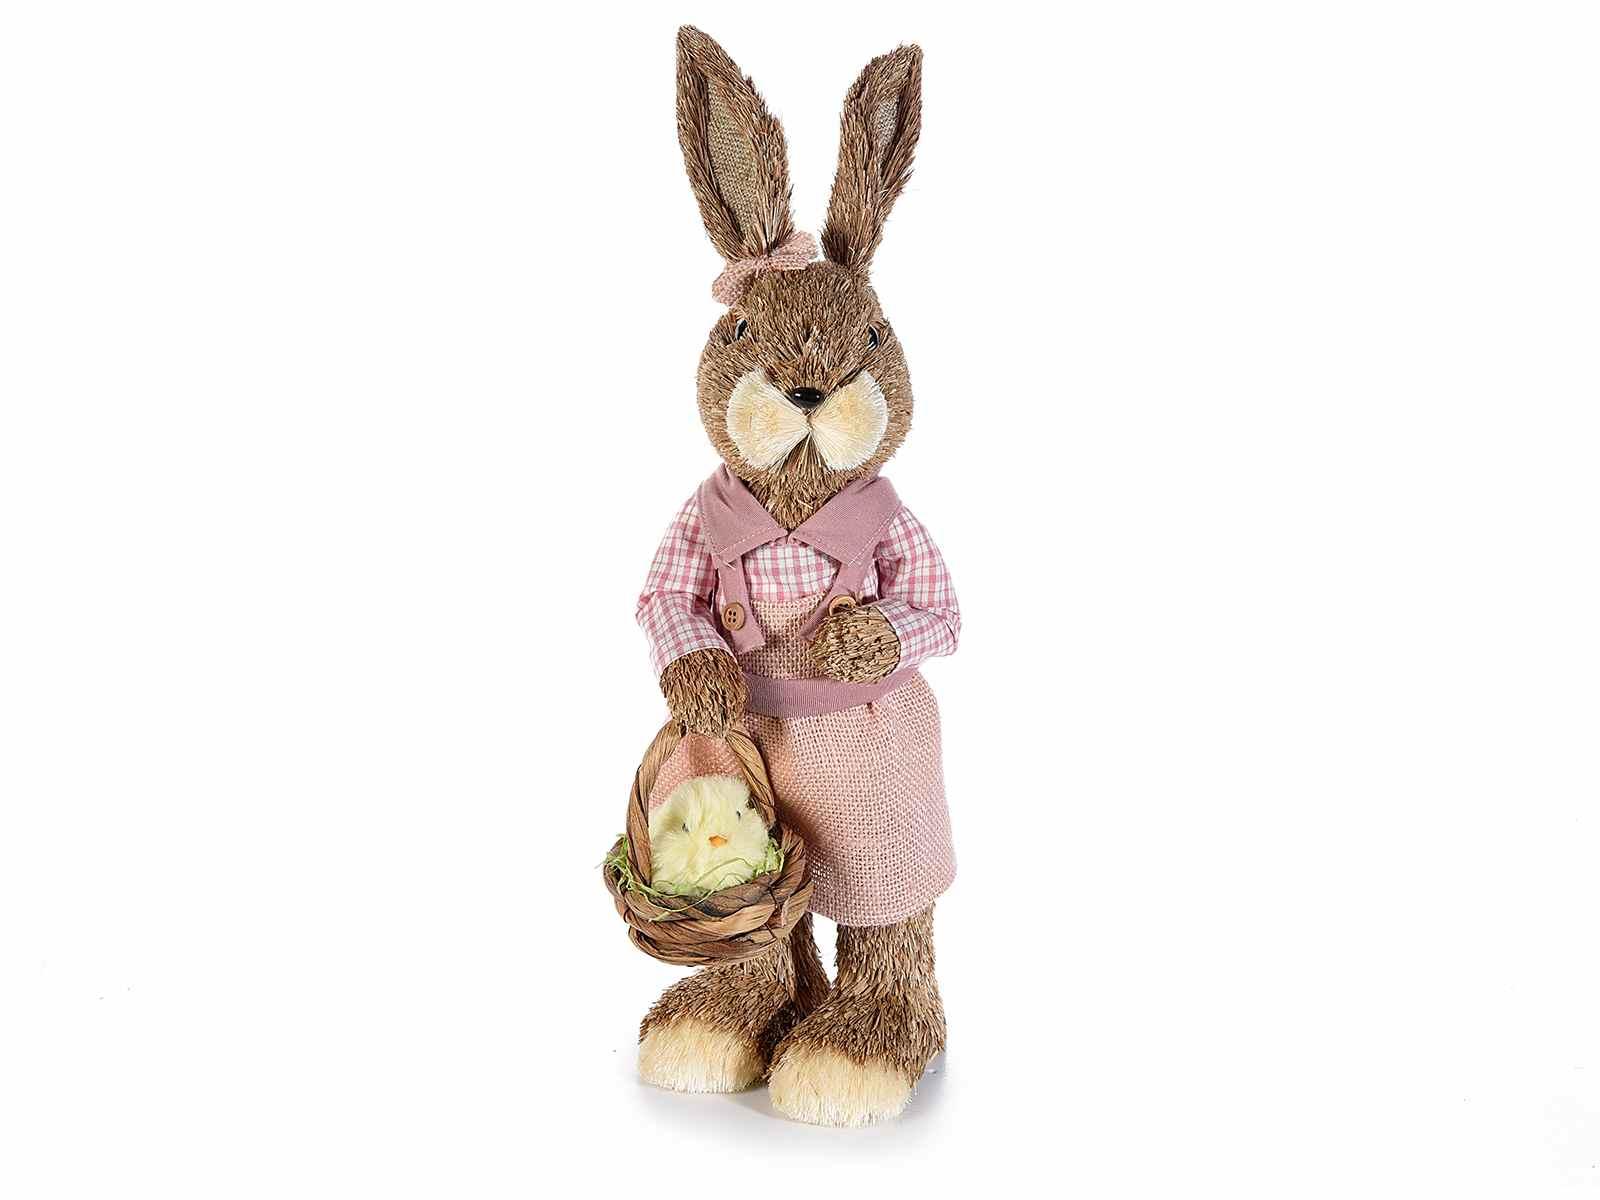 Coniglio campagnolo in fibra naturale da appoggiare